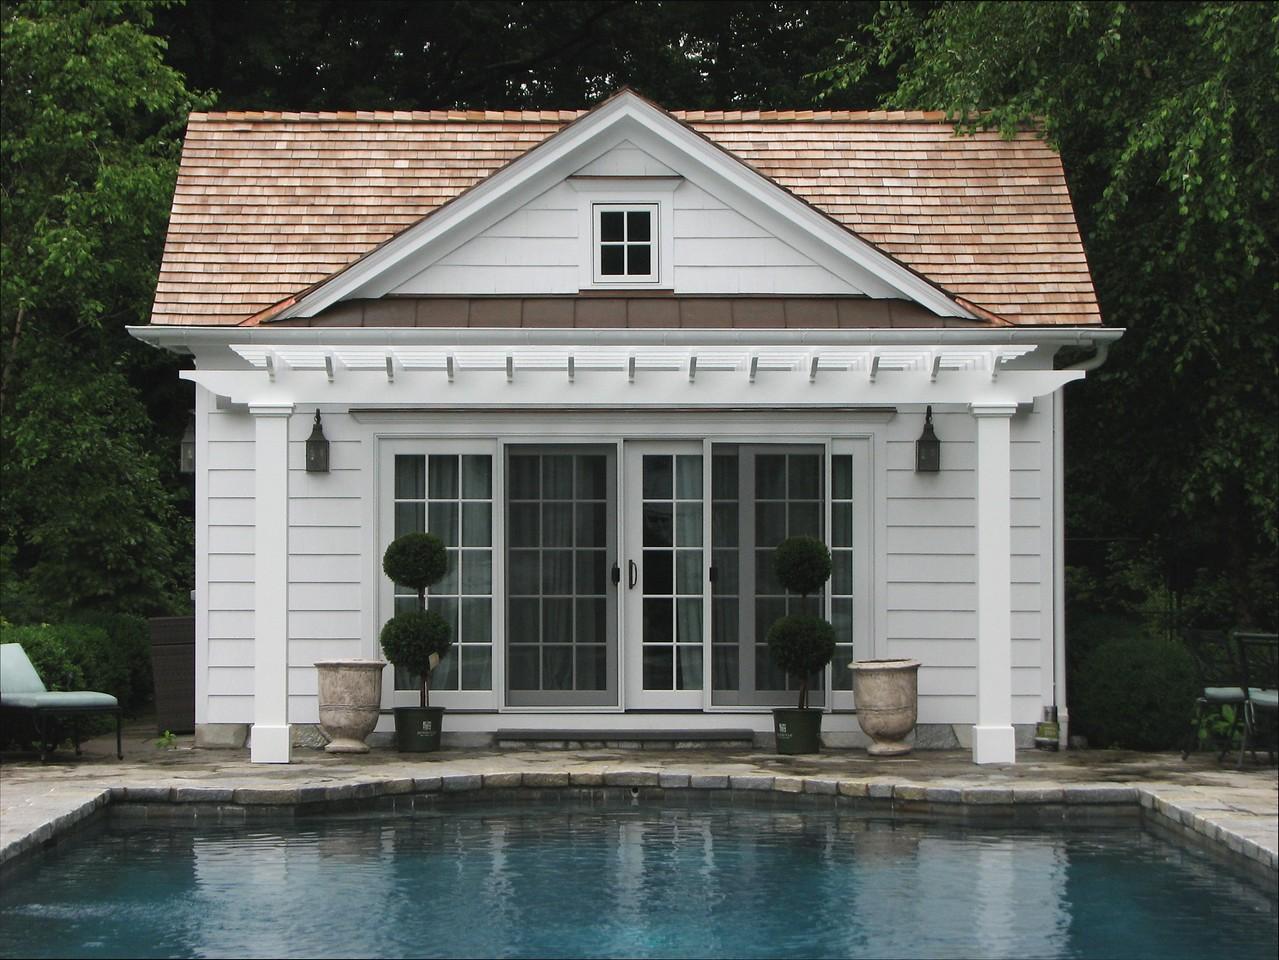 177 - 335787 - Westport CT - Custom Pool Pergola